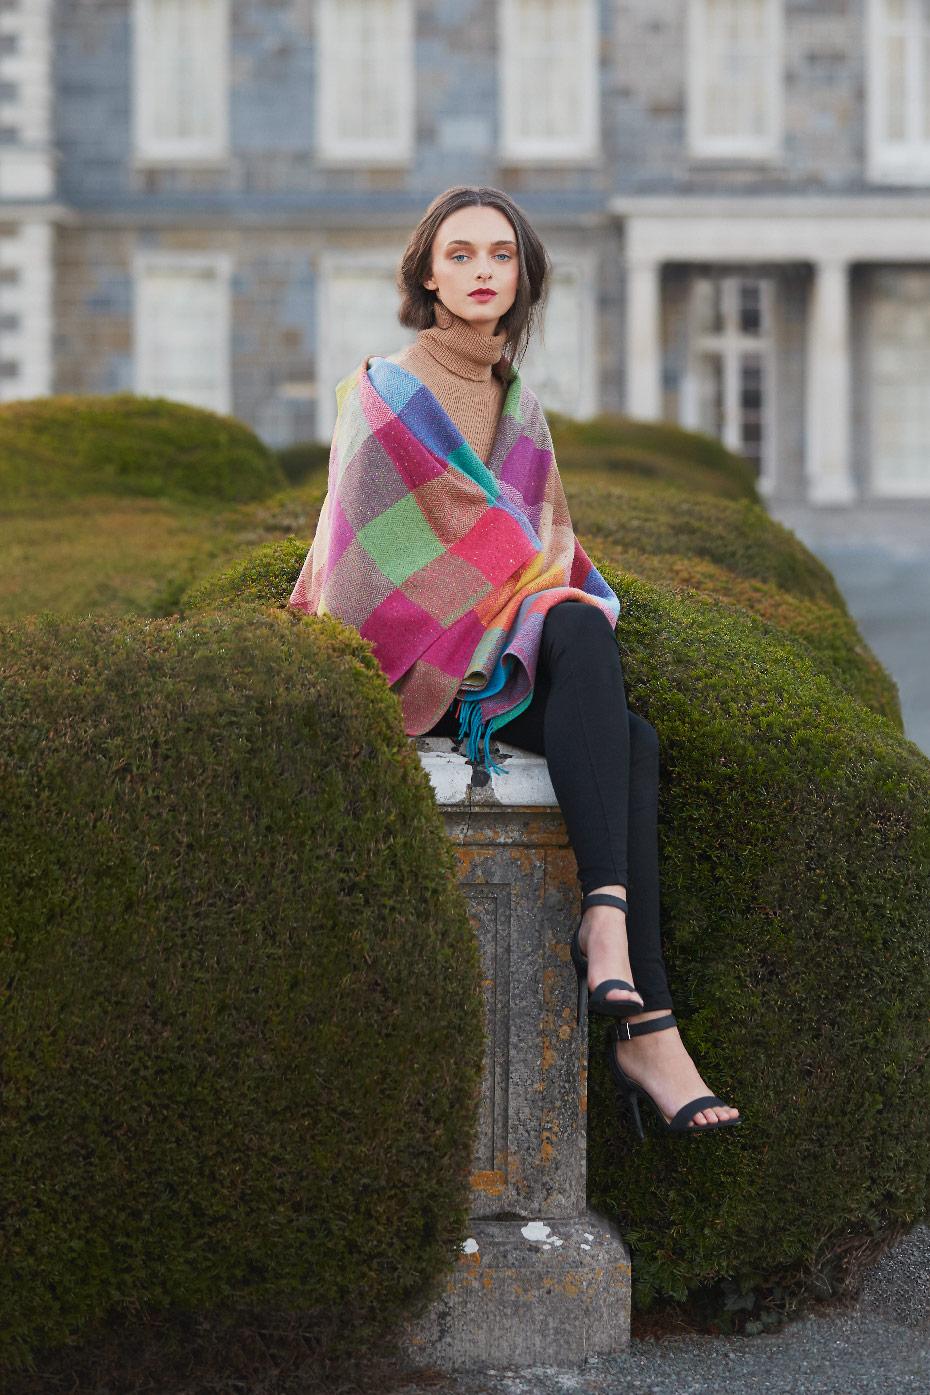 Stacey Van Berkel Photography I Carton House Fashion Shoot I Avoca Ireland Blanket I Kildare, Ireland